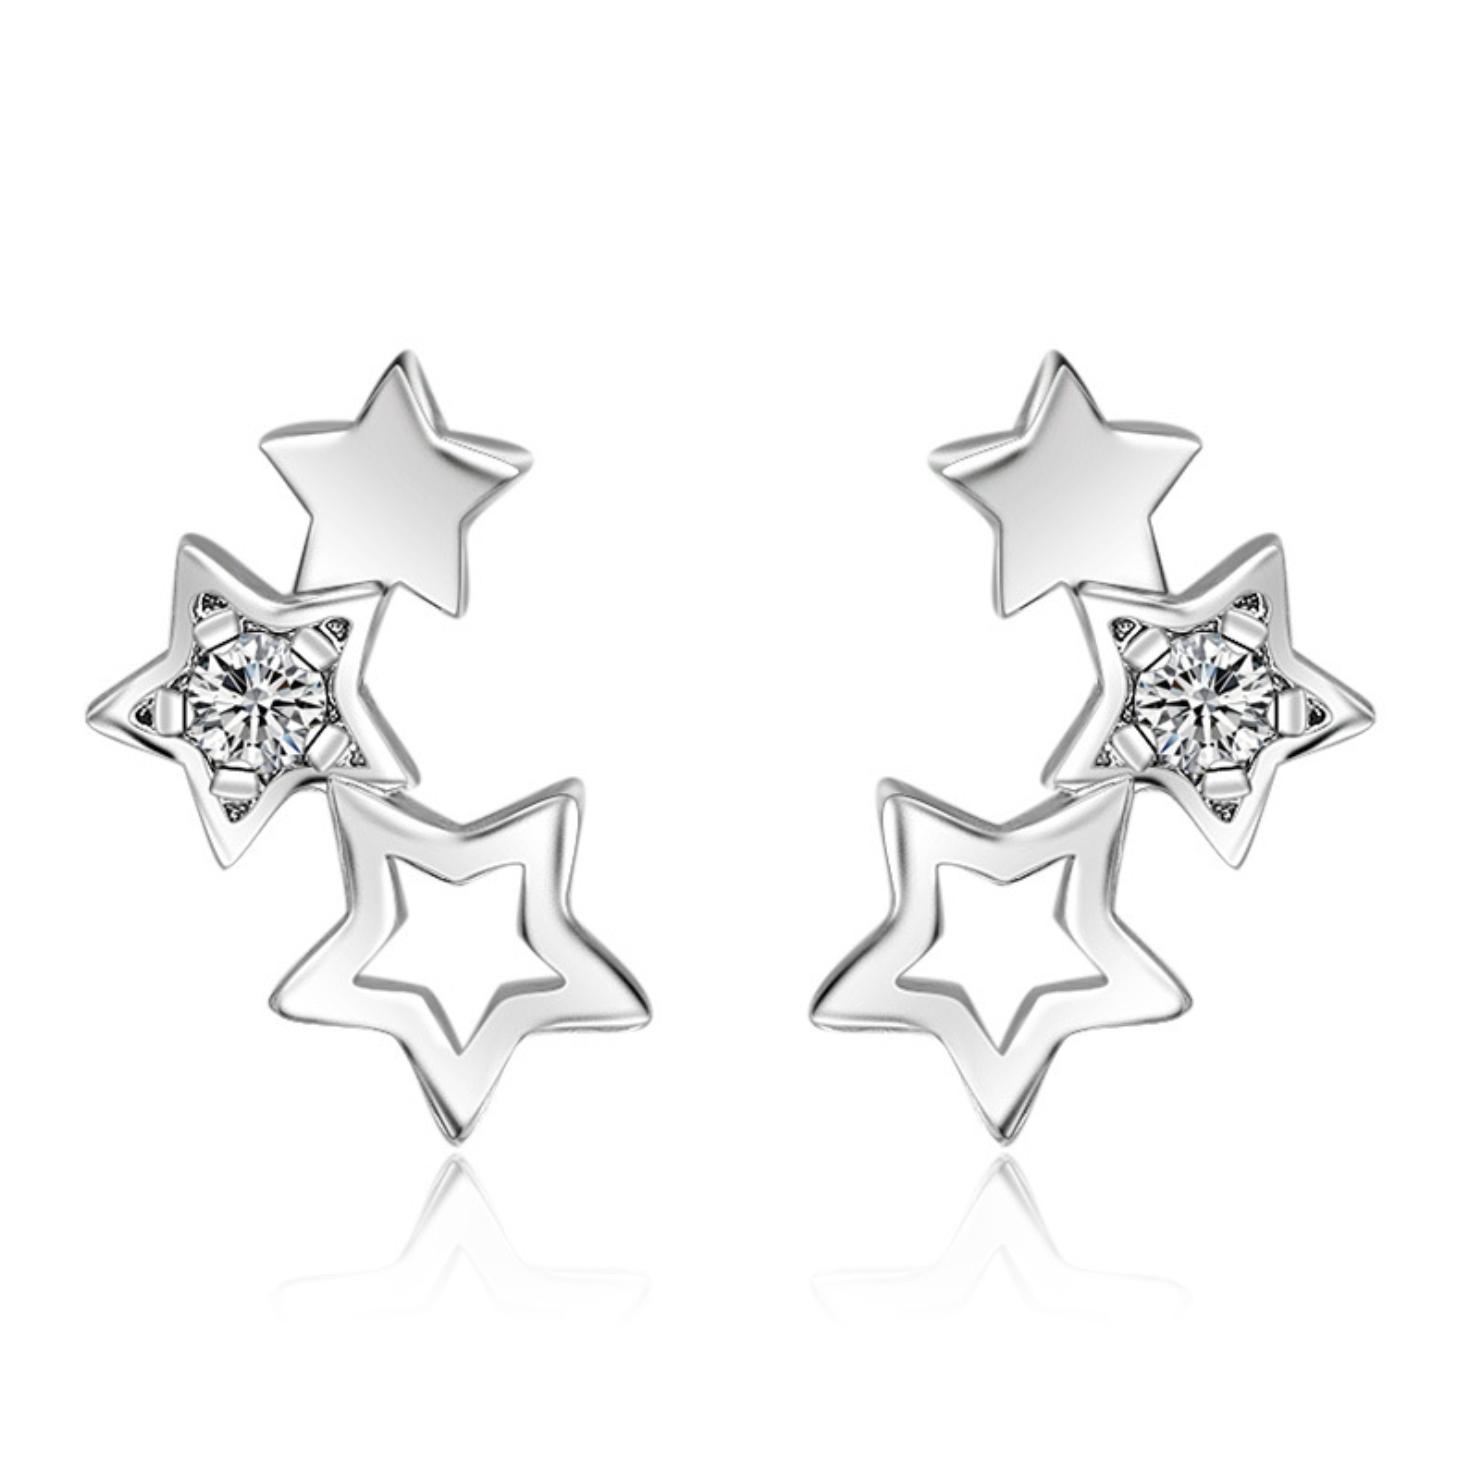 Jewellery - 925 Sterling Silver Triple Star Linked Stud Earrings Womens Girls Jewellery New